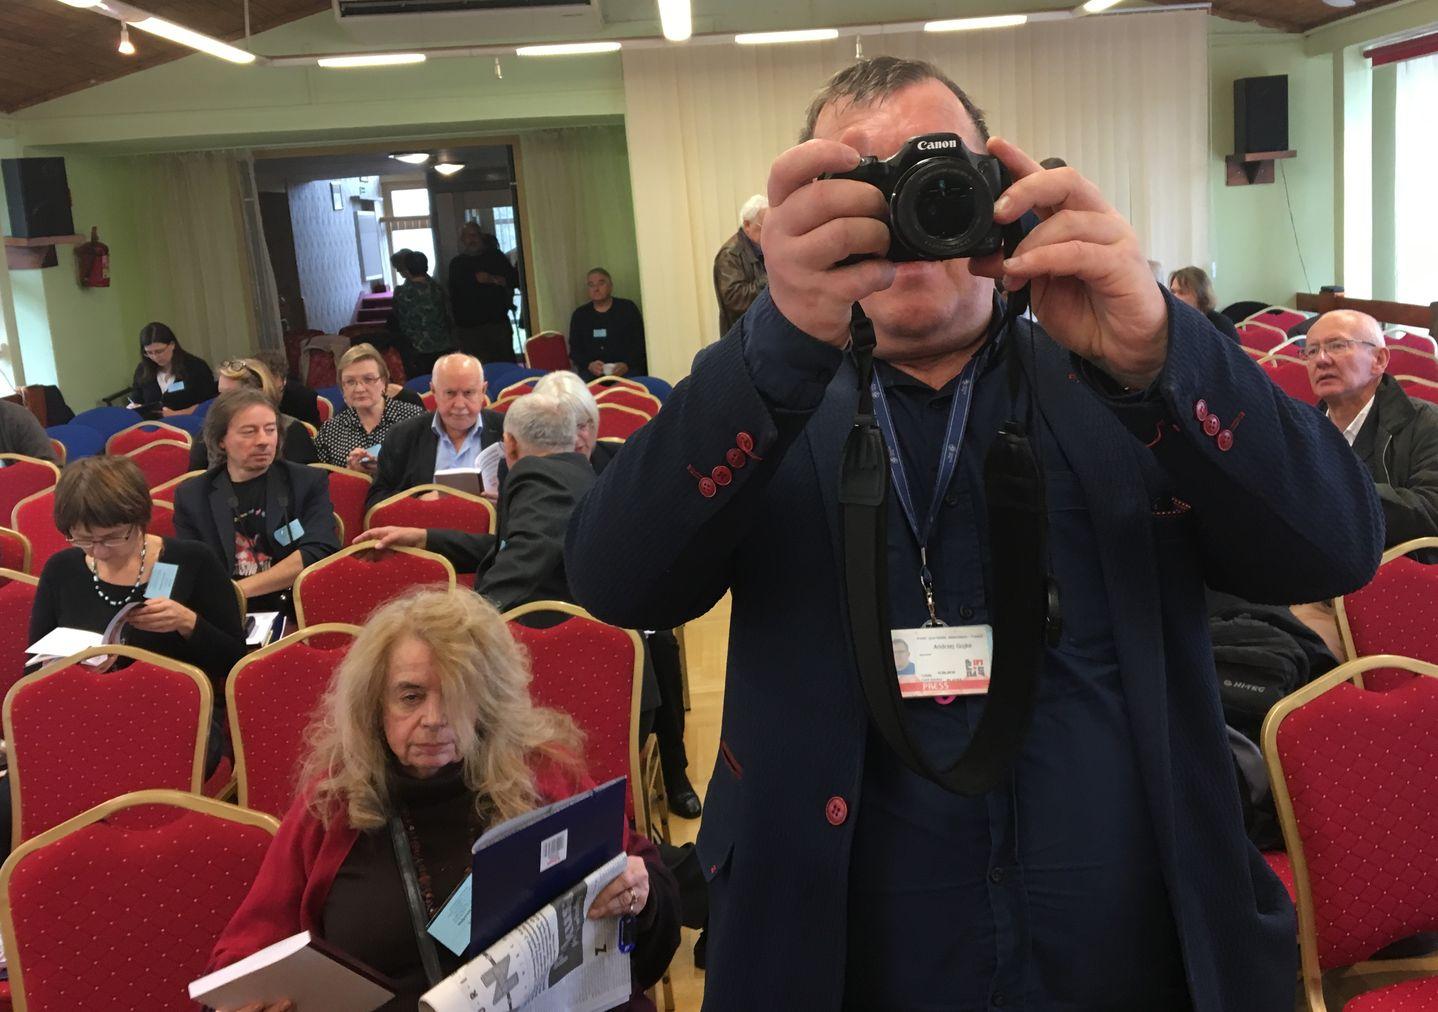 Zjazd SDP w Kazimierzu_fot_J_Wikowski IMG_9532